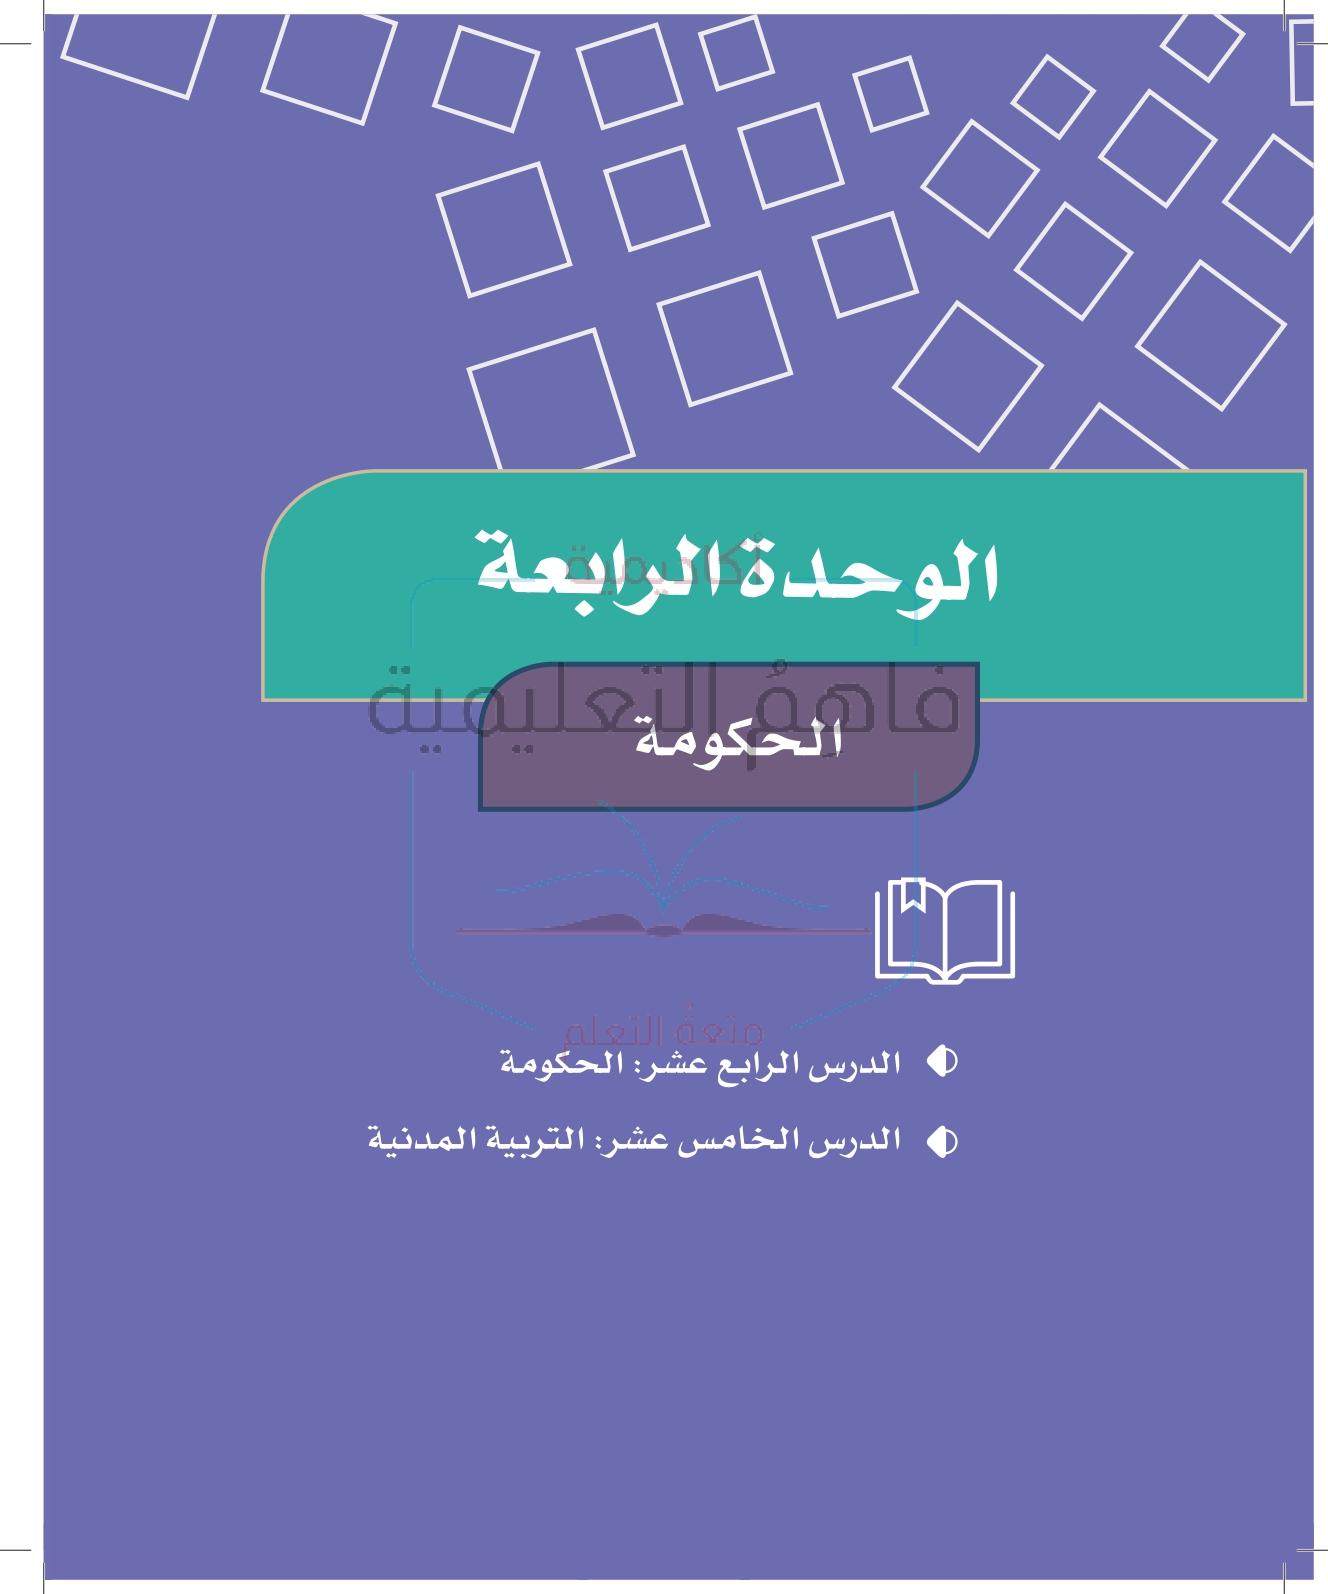 حل دراسات اجتماعية رابع – الوحدة (4) – الحكومة – صفحة 84-97